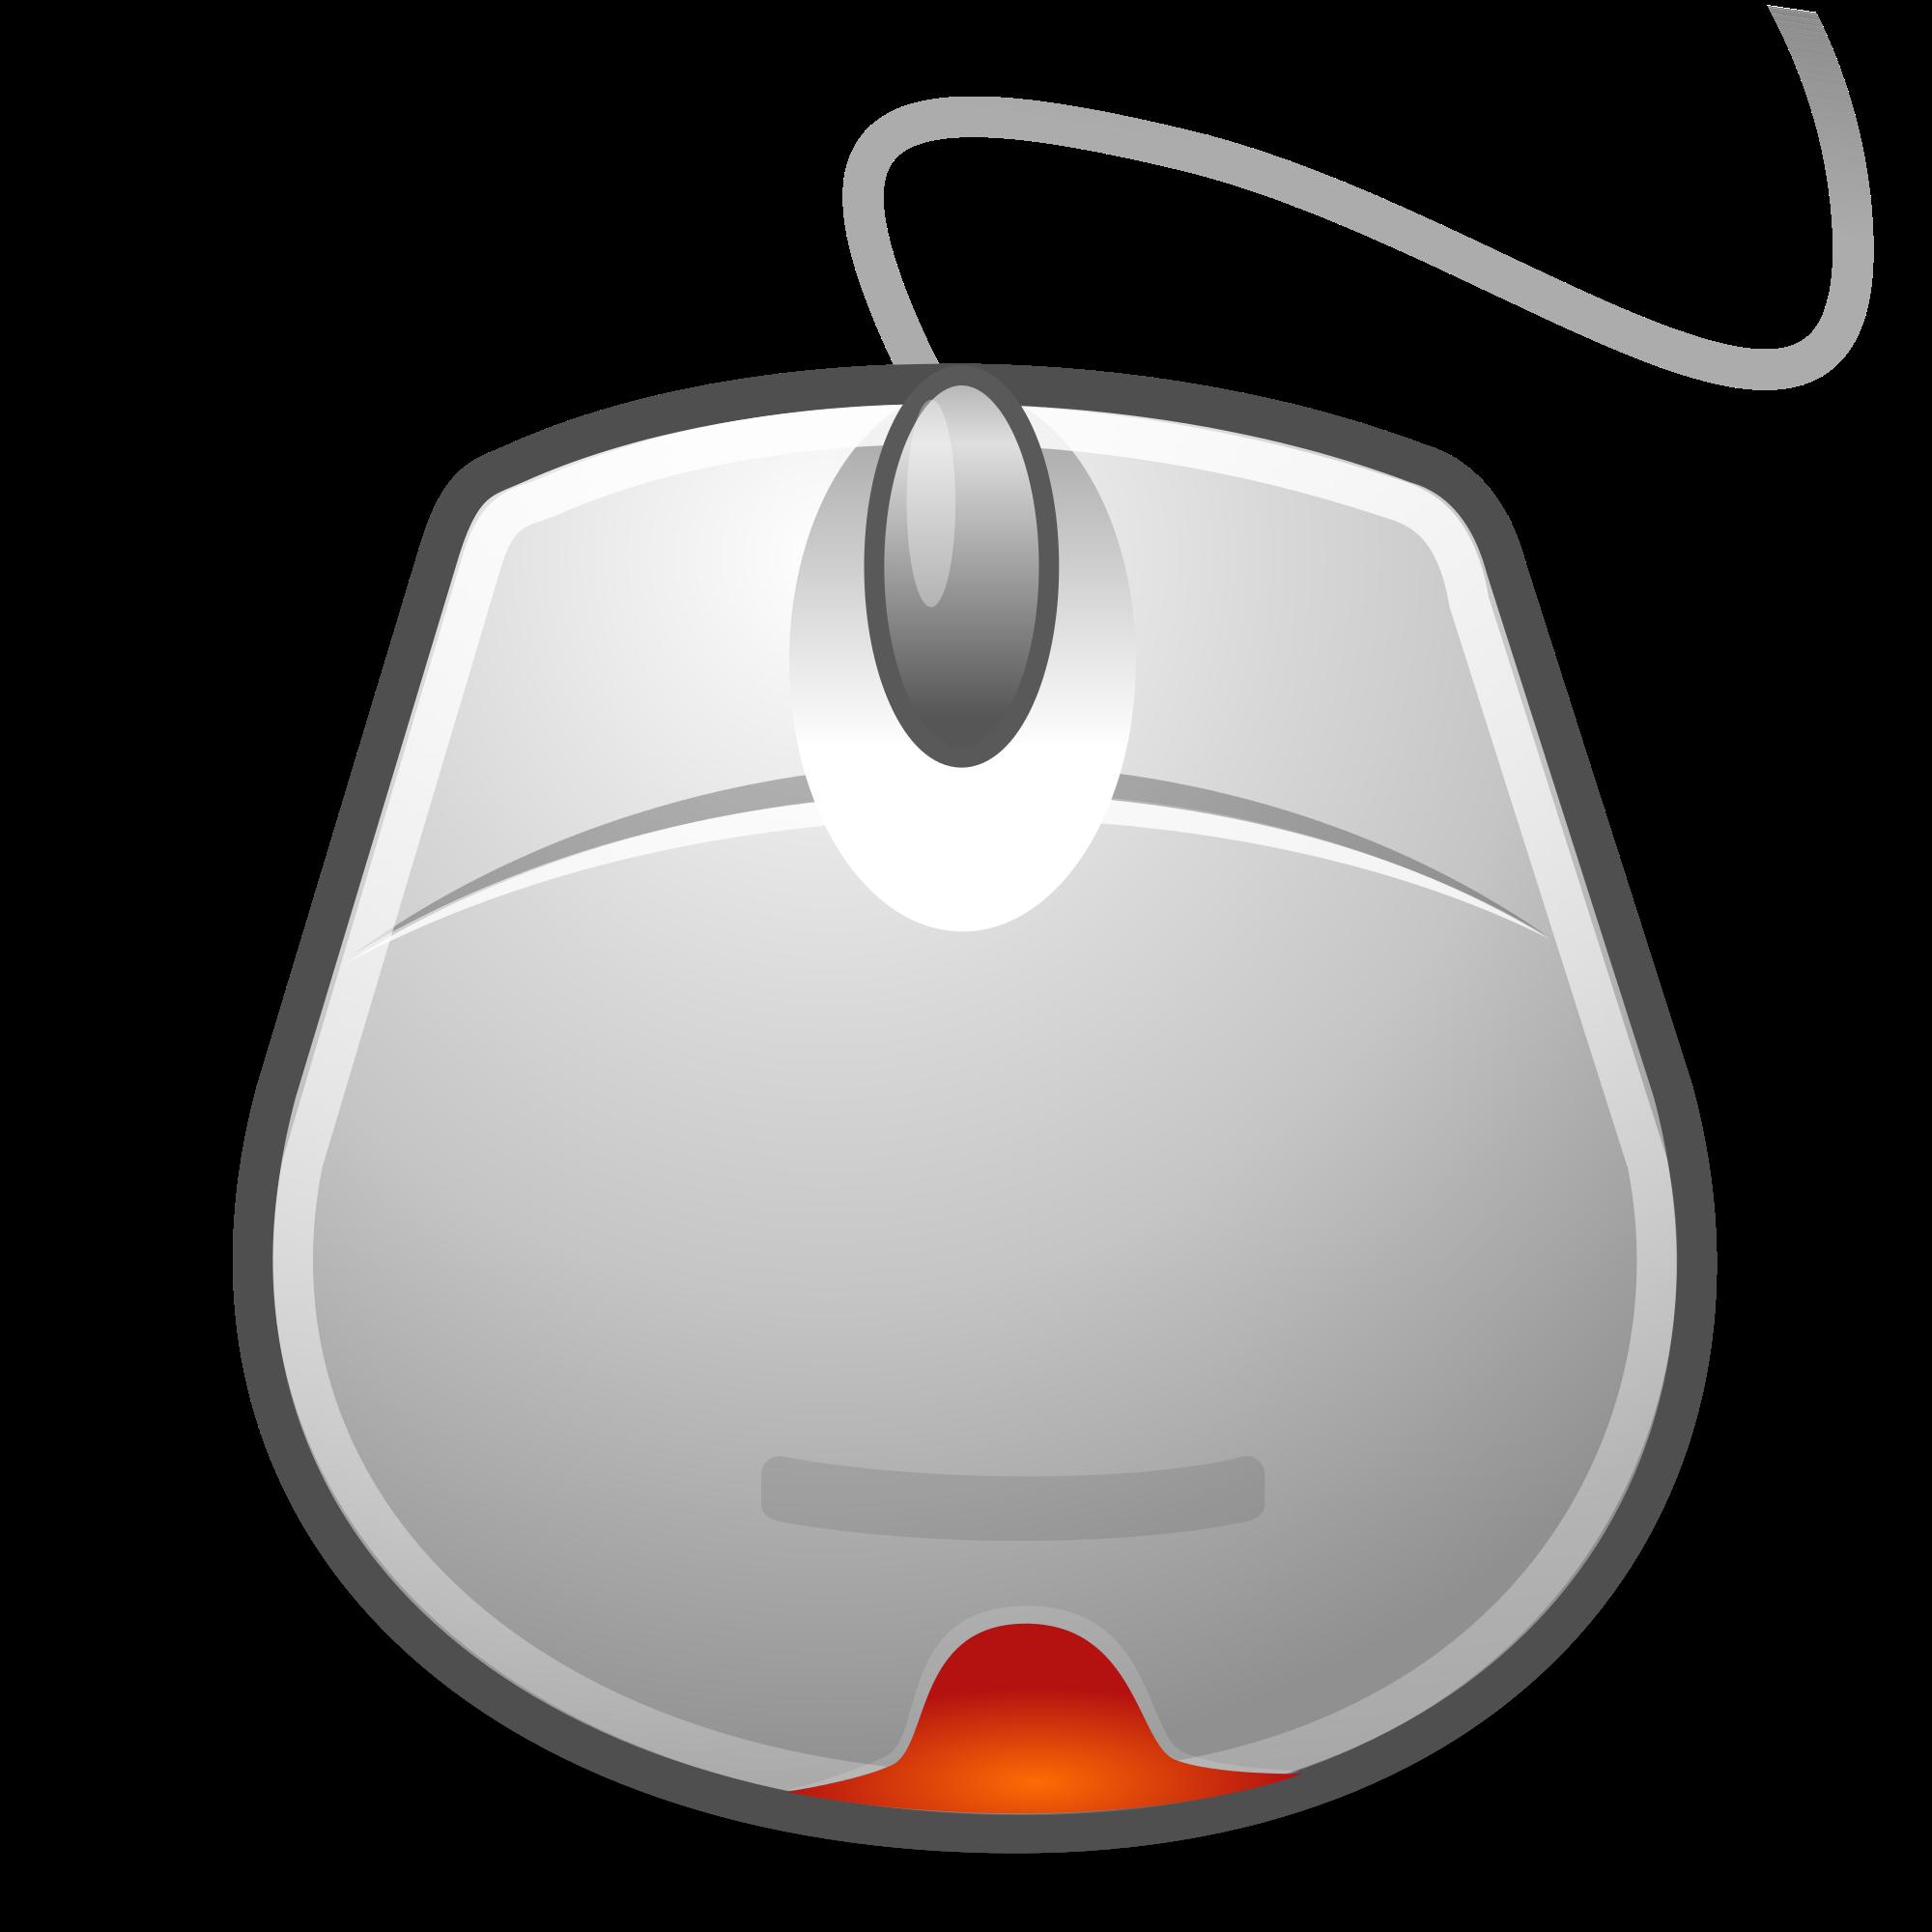 File input mouse svg. Pawprint clipart pow